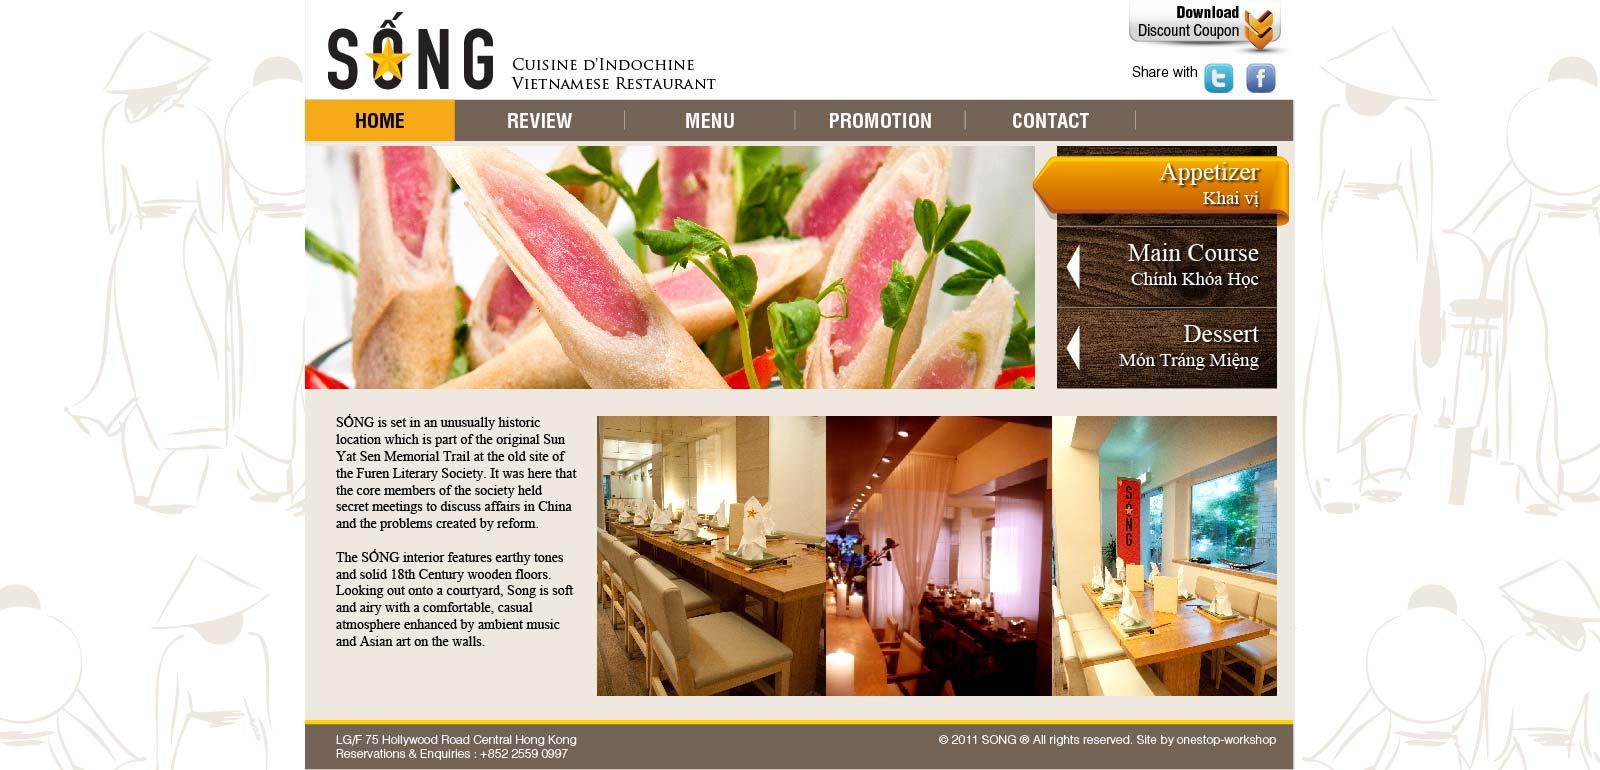 Sống Restaurant